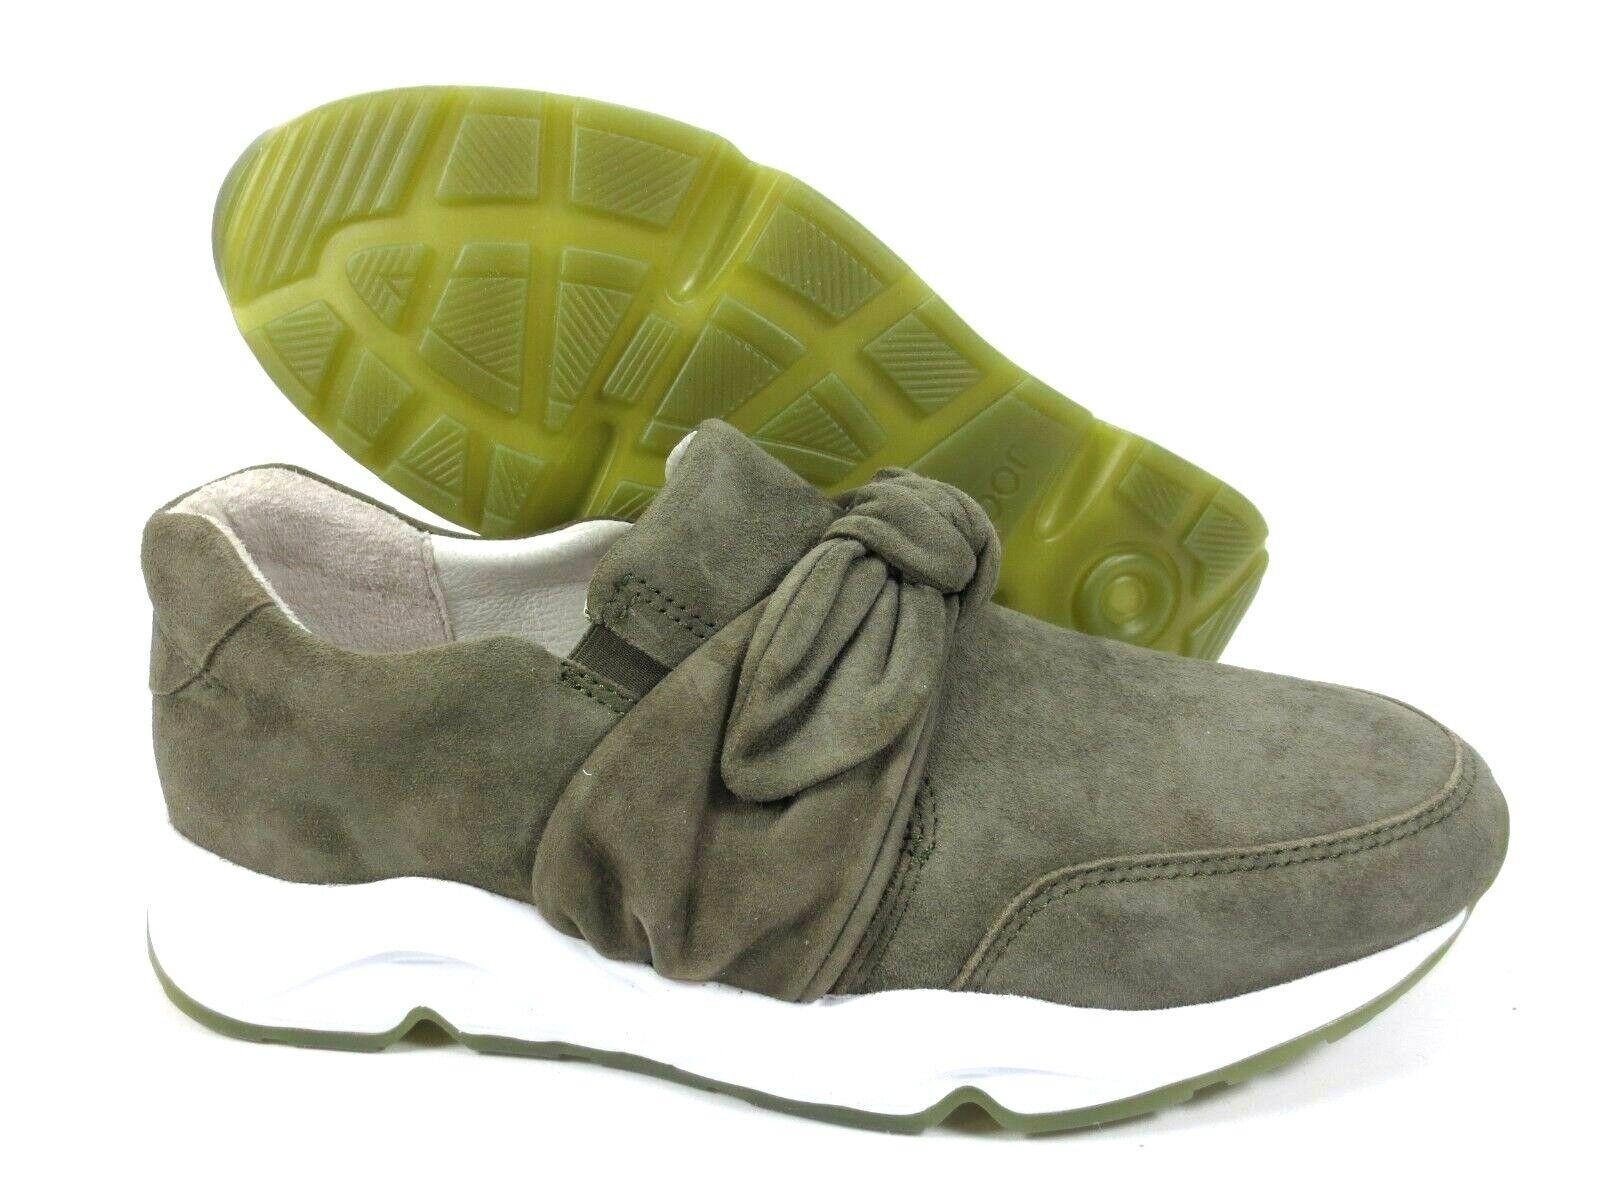 fabbrica diretta Gabor Comfort scarpe da ginnastica Slipper Scarpe Scarpe Scarpe in Pelle verde Oliva Larghezza G NUOVO UVP 134,95  nelle promozioni dello stadio